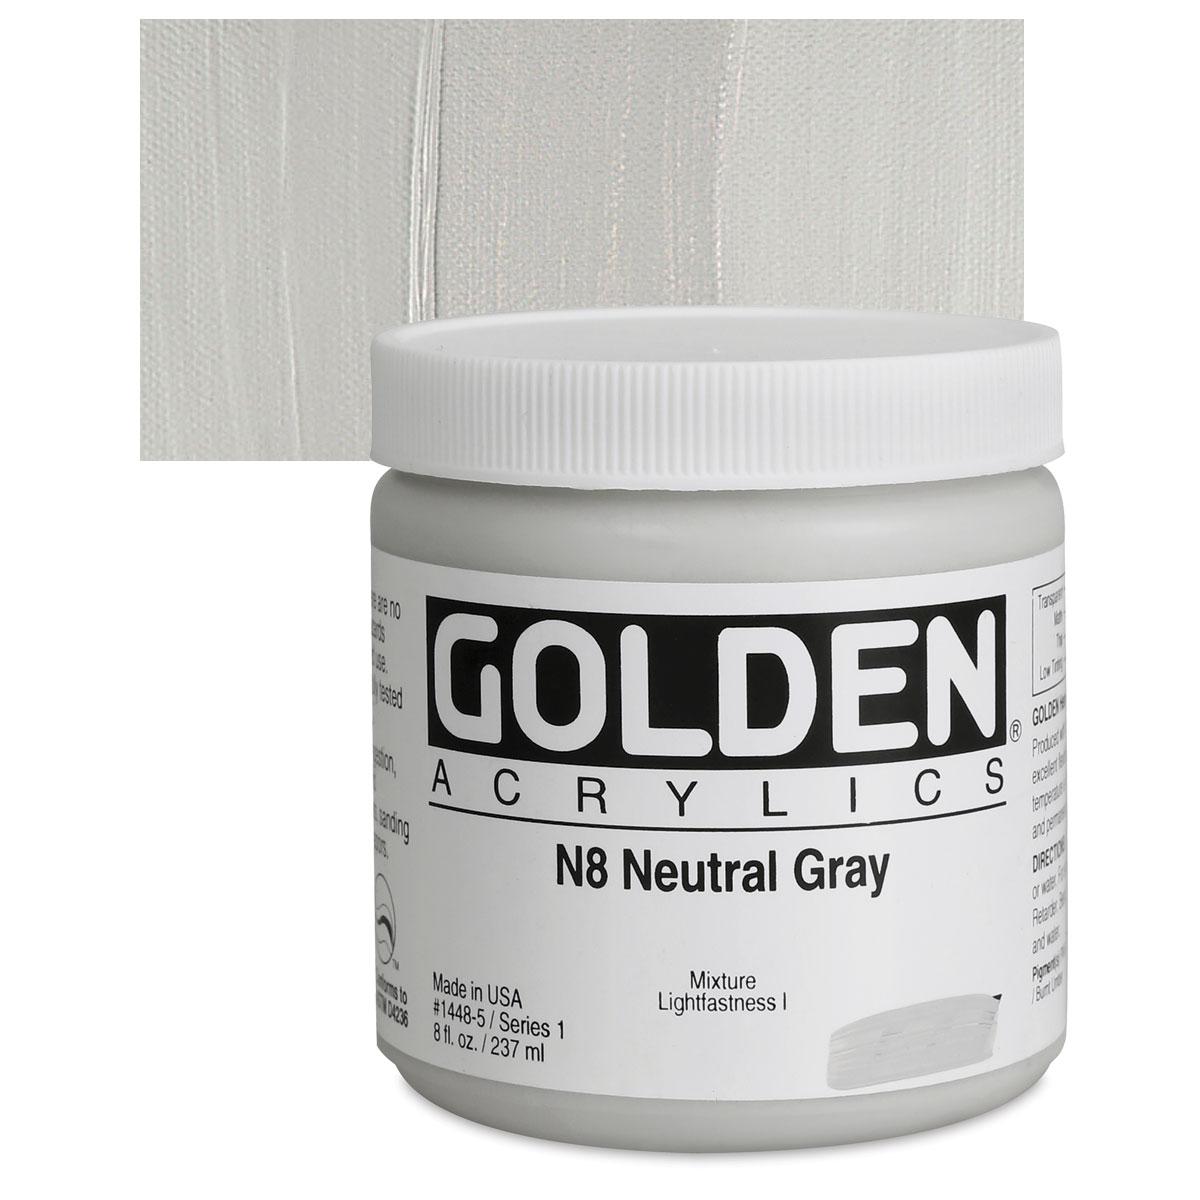 N8 white pill